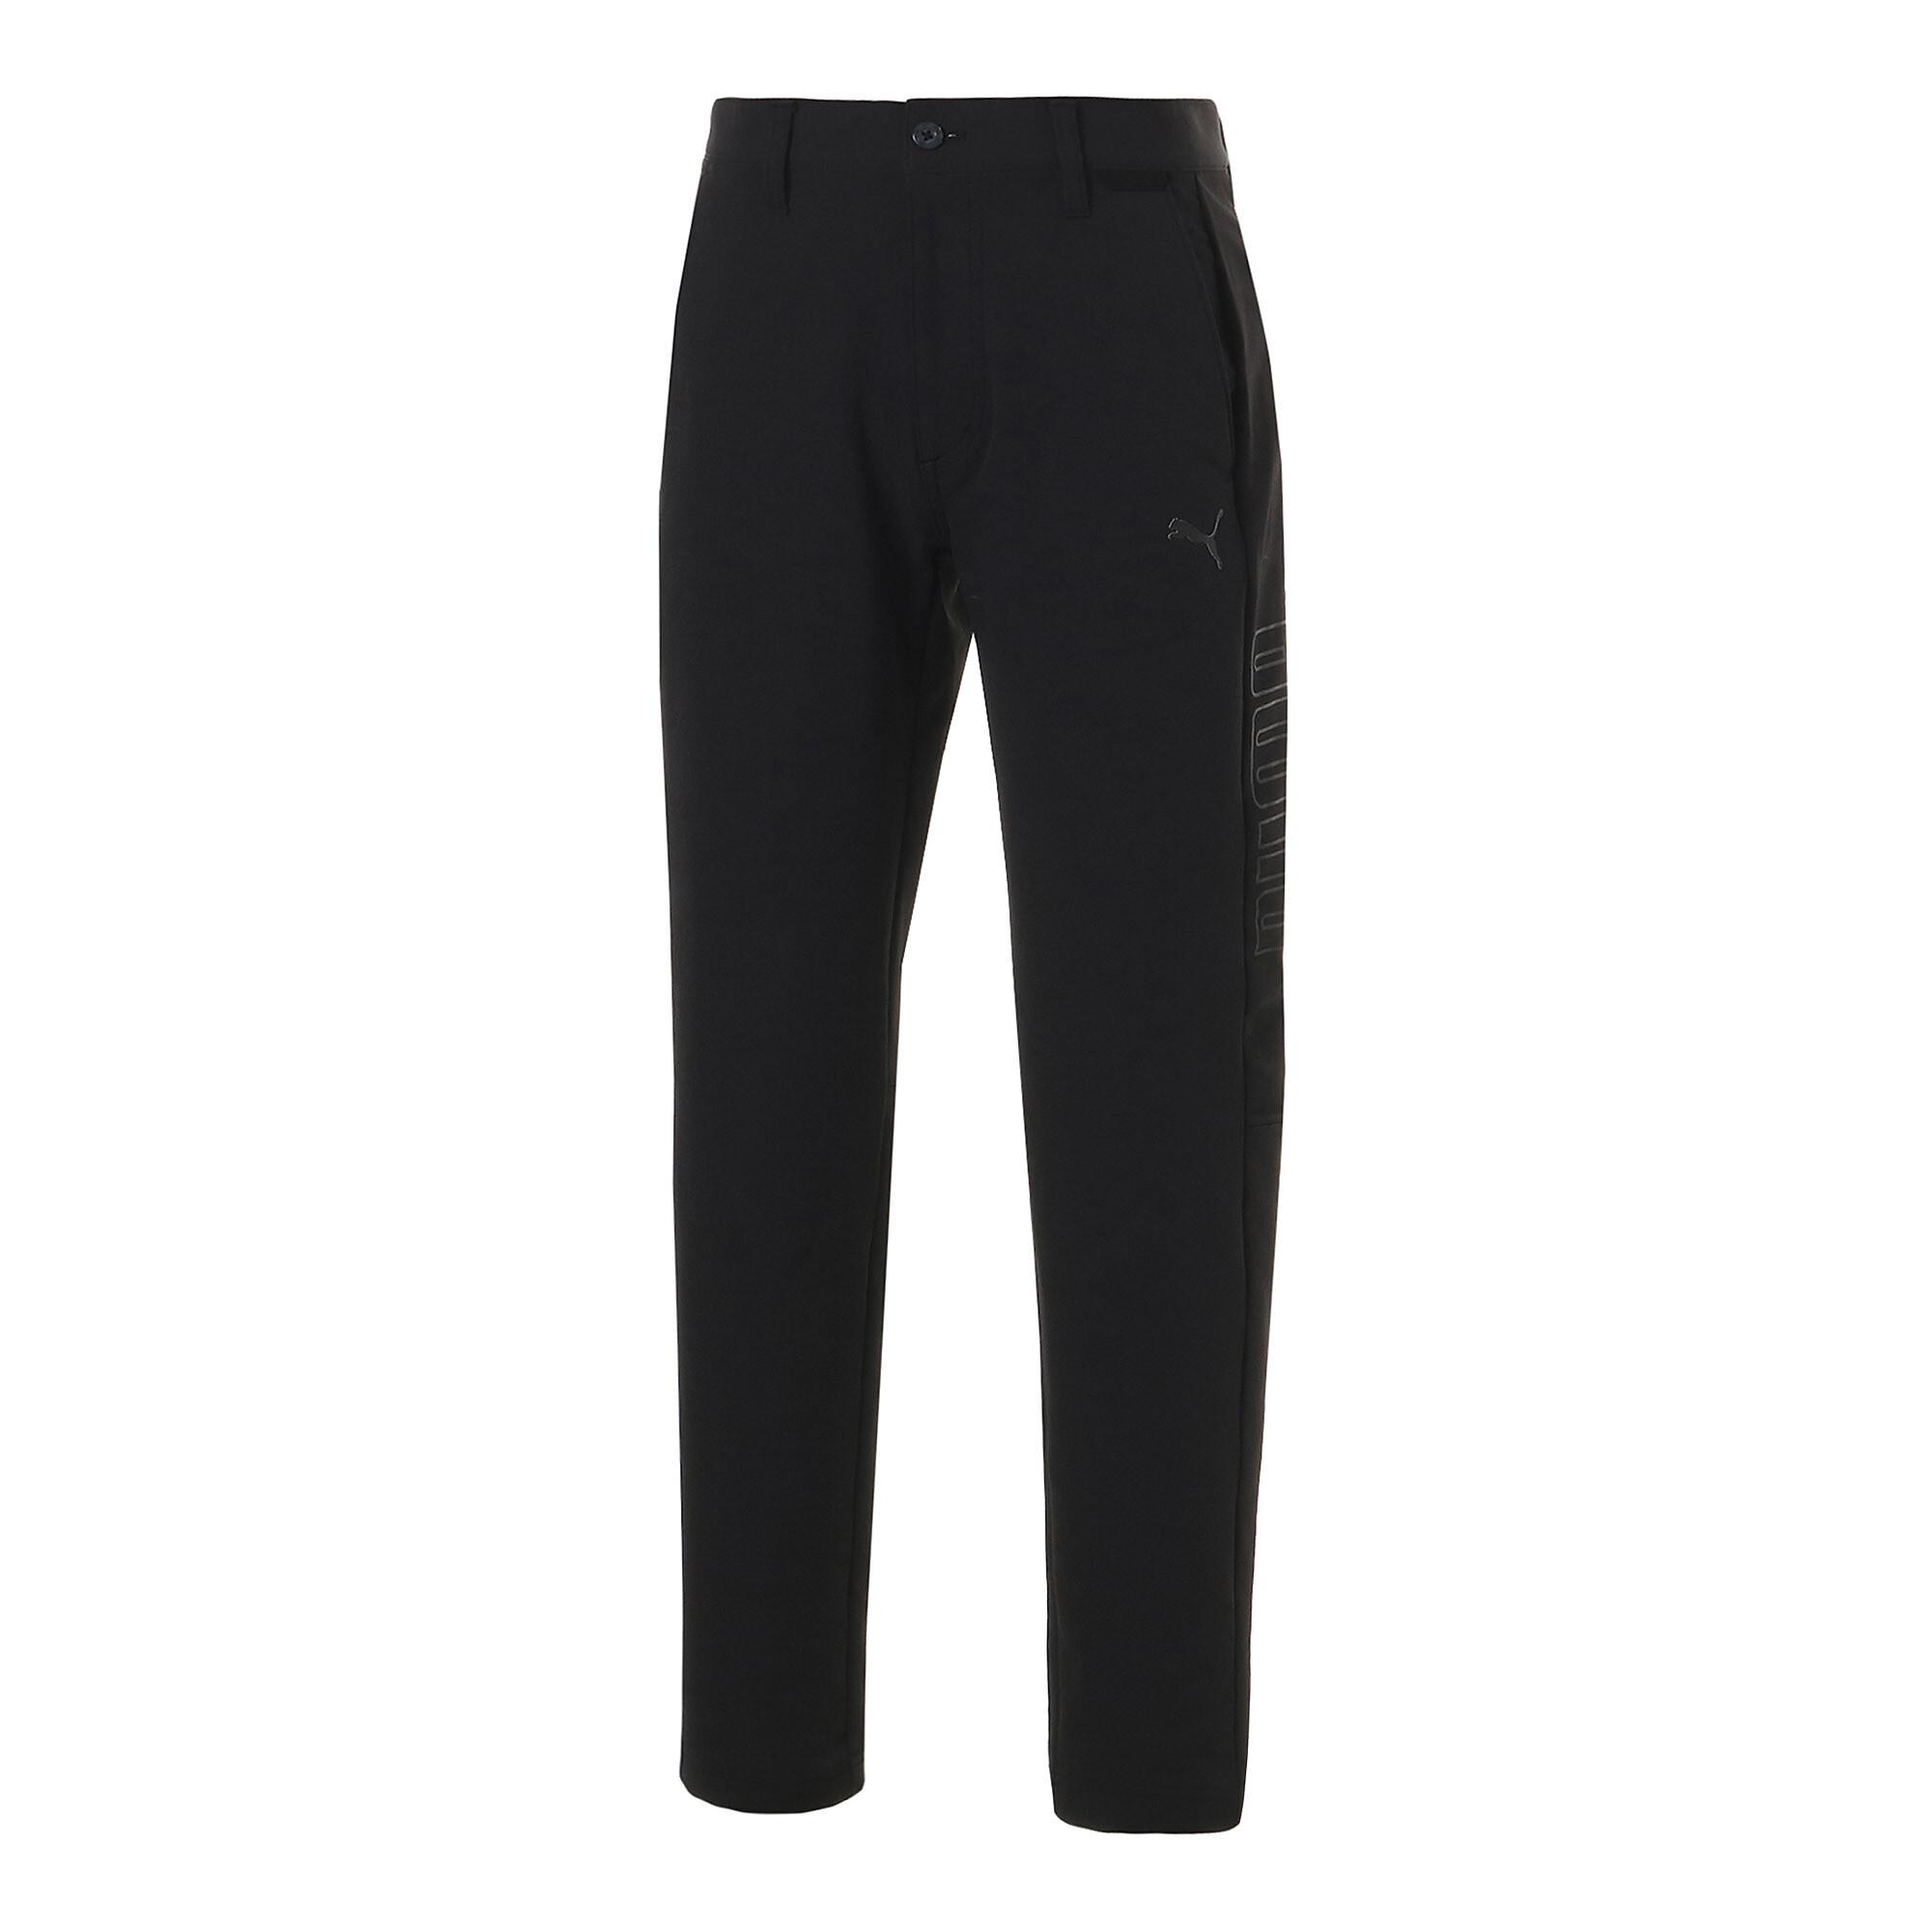 【プーマ公式通販】 ゴルフ プーマ アンクル パンツ メンズ Puma Black |PUMA.com